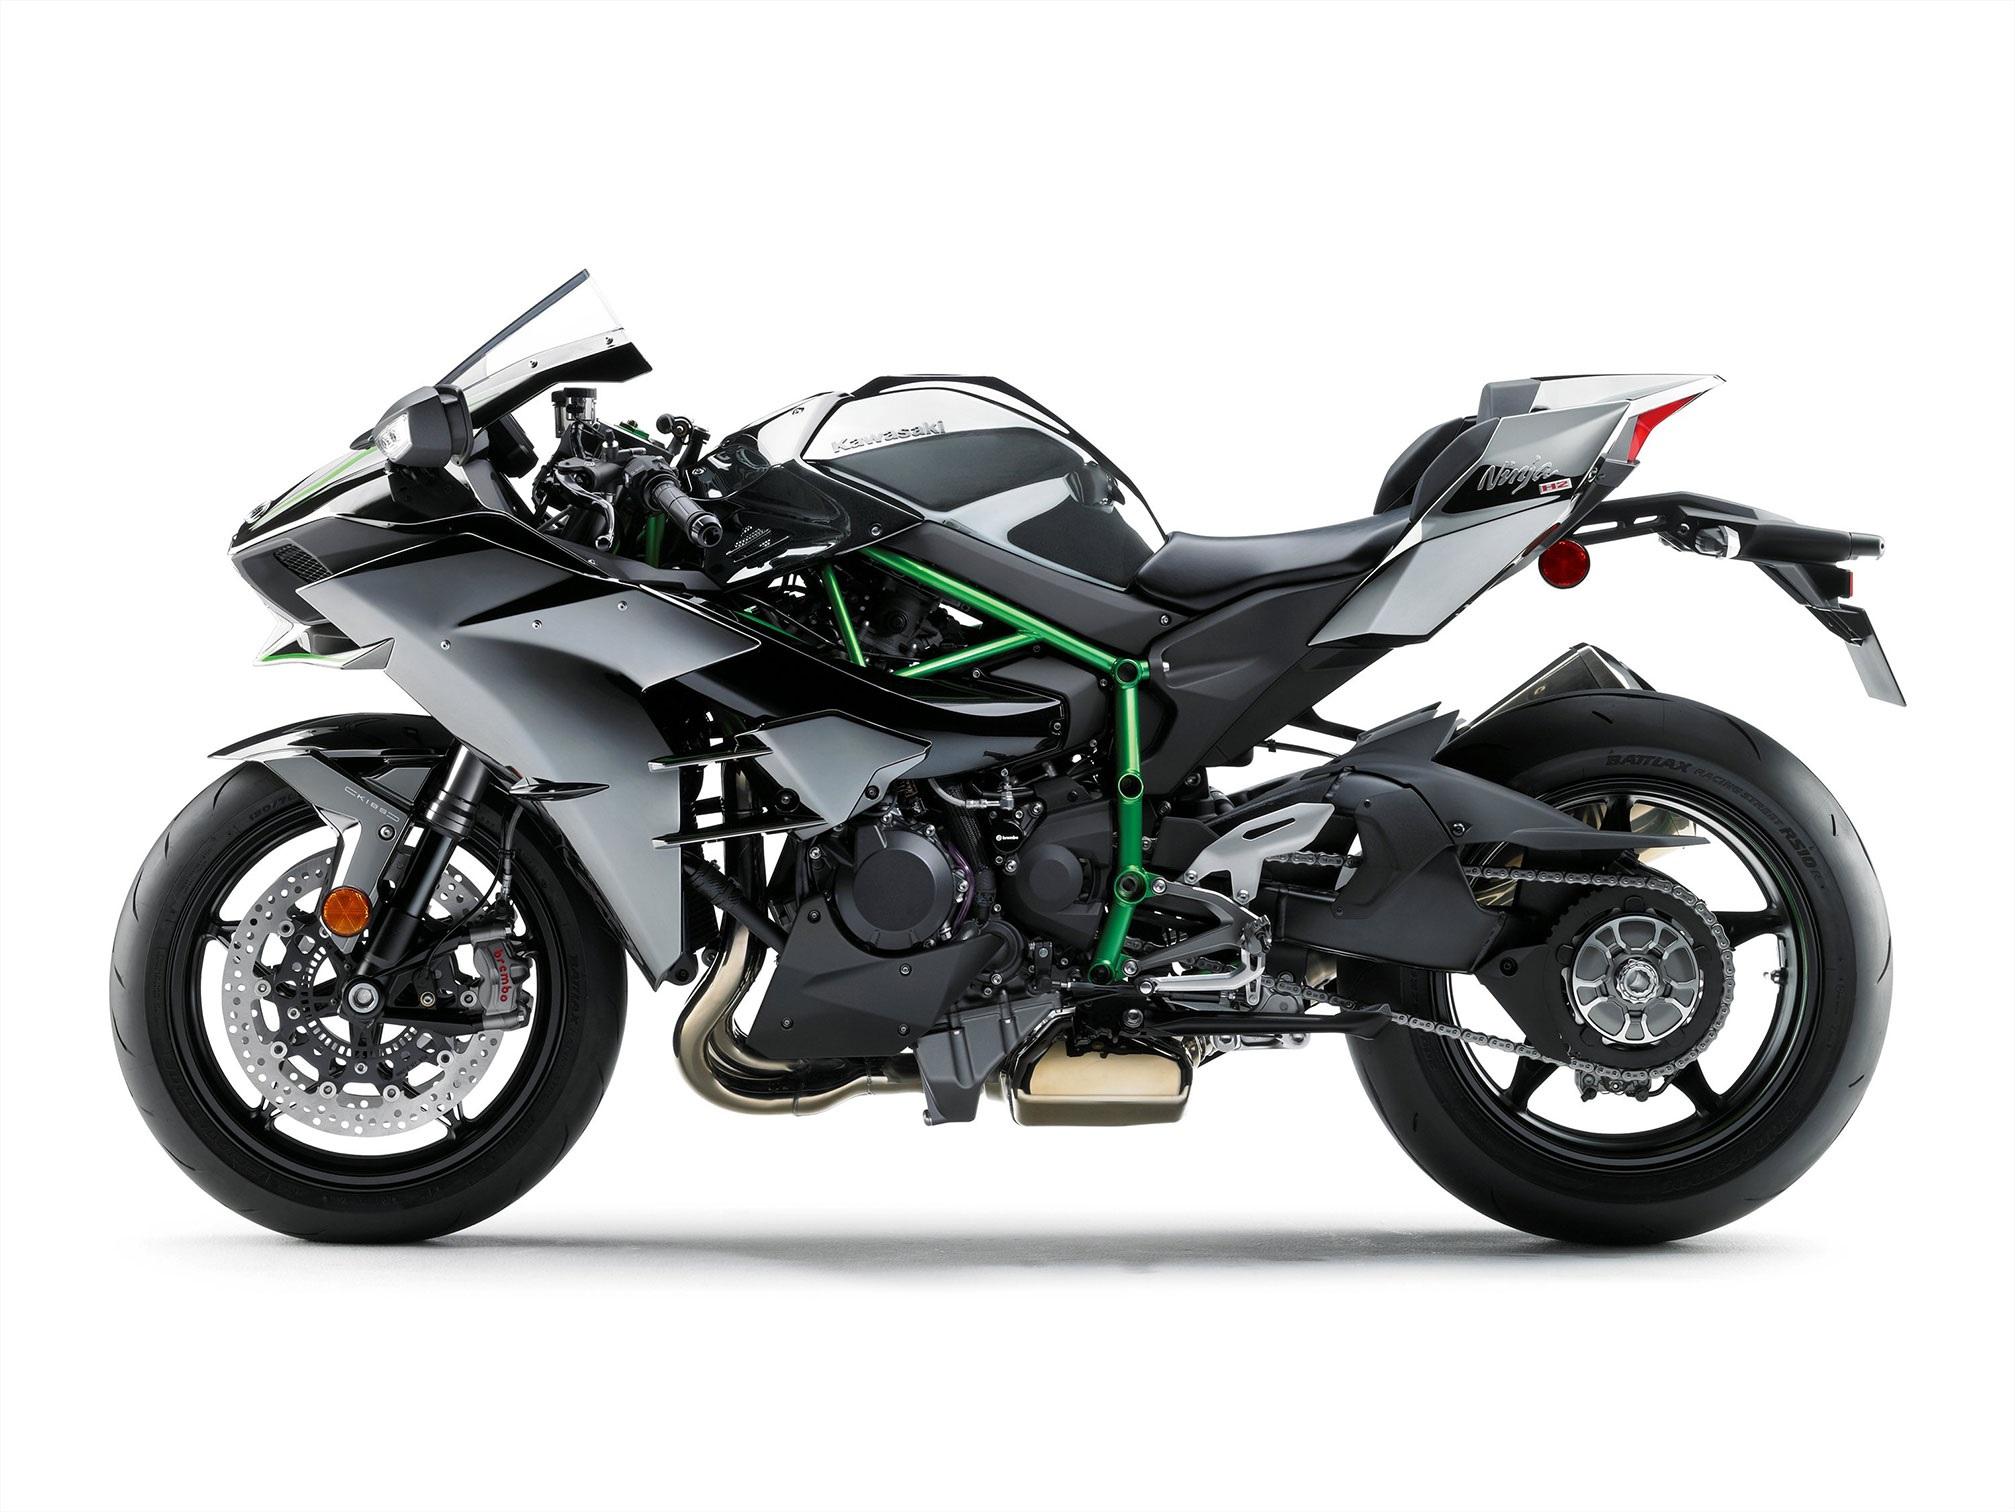 2015 Kawasaki H2 Side View Studio Shot